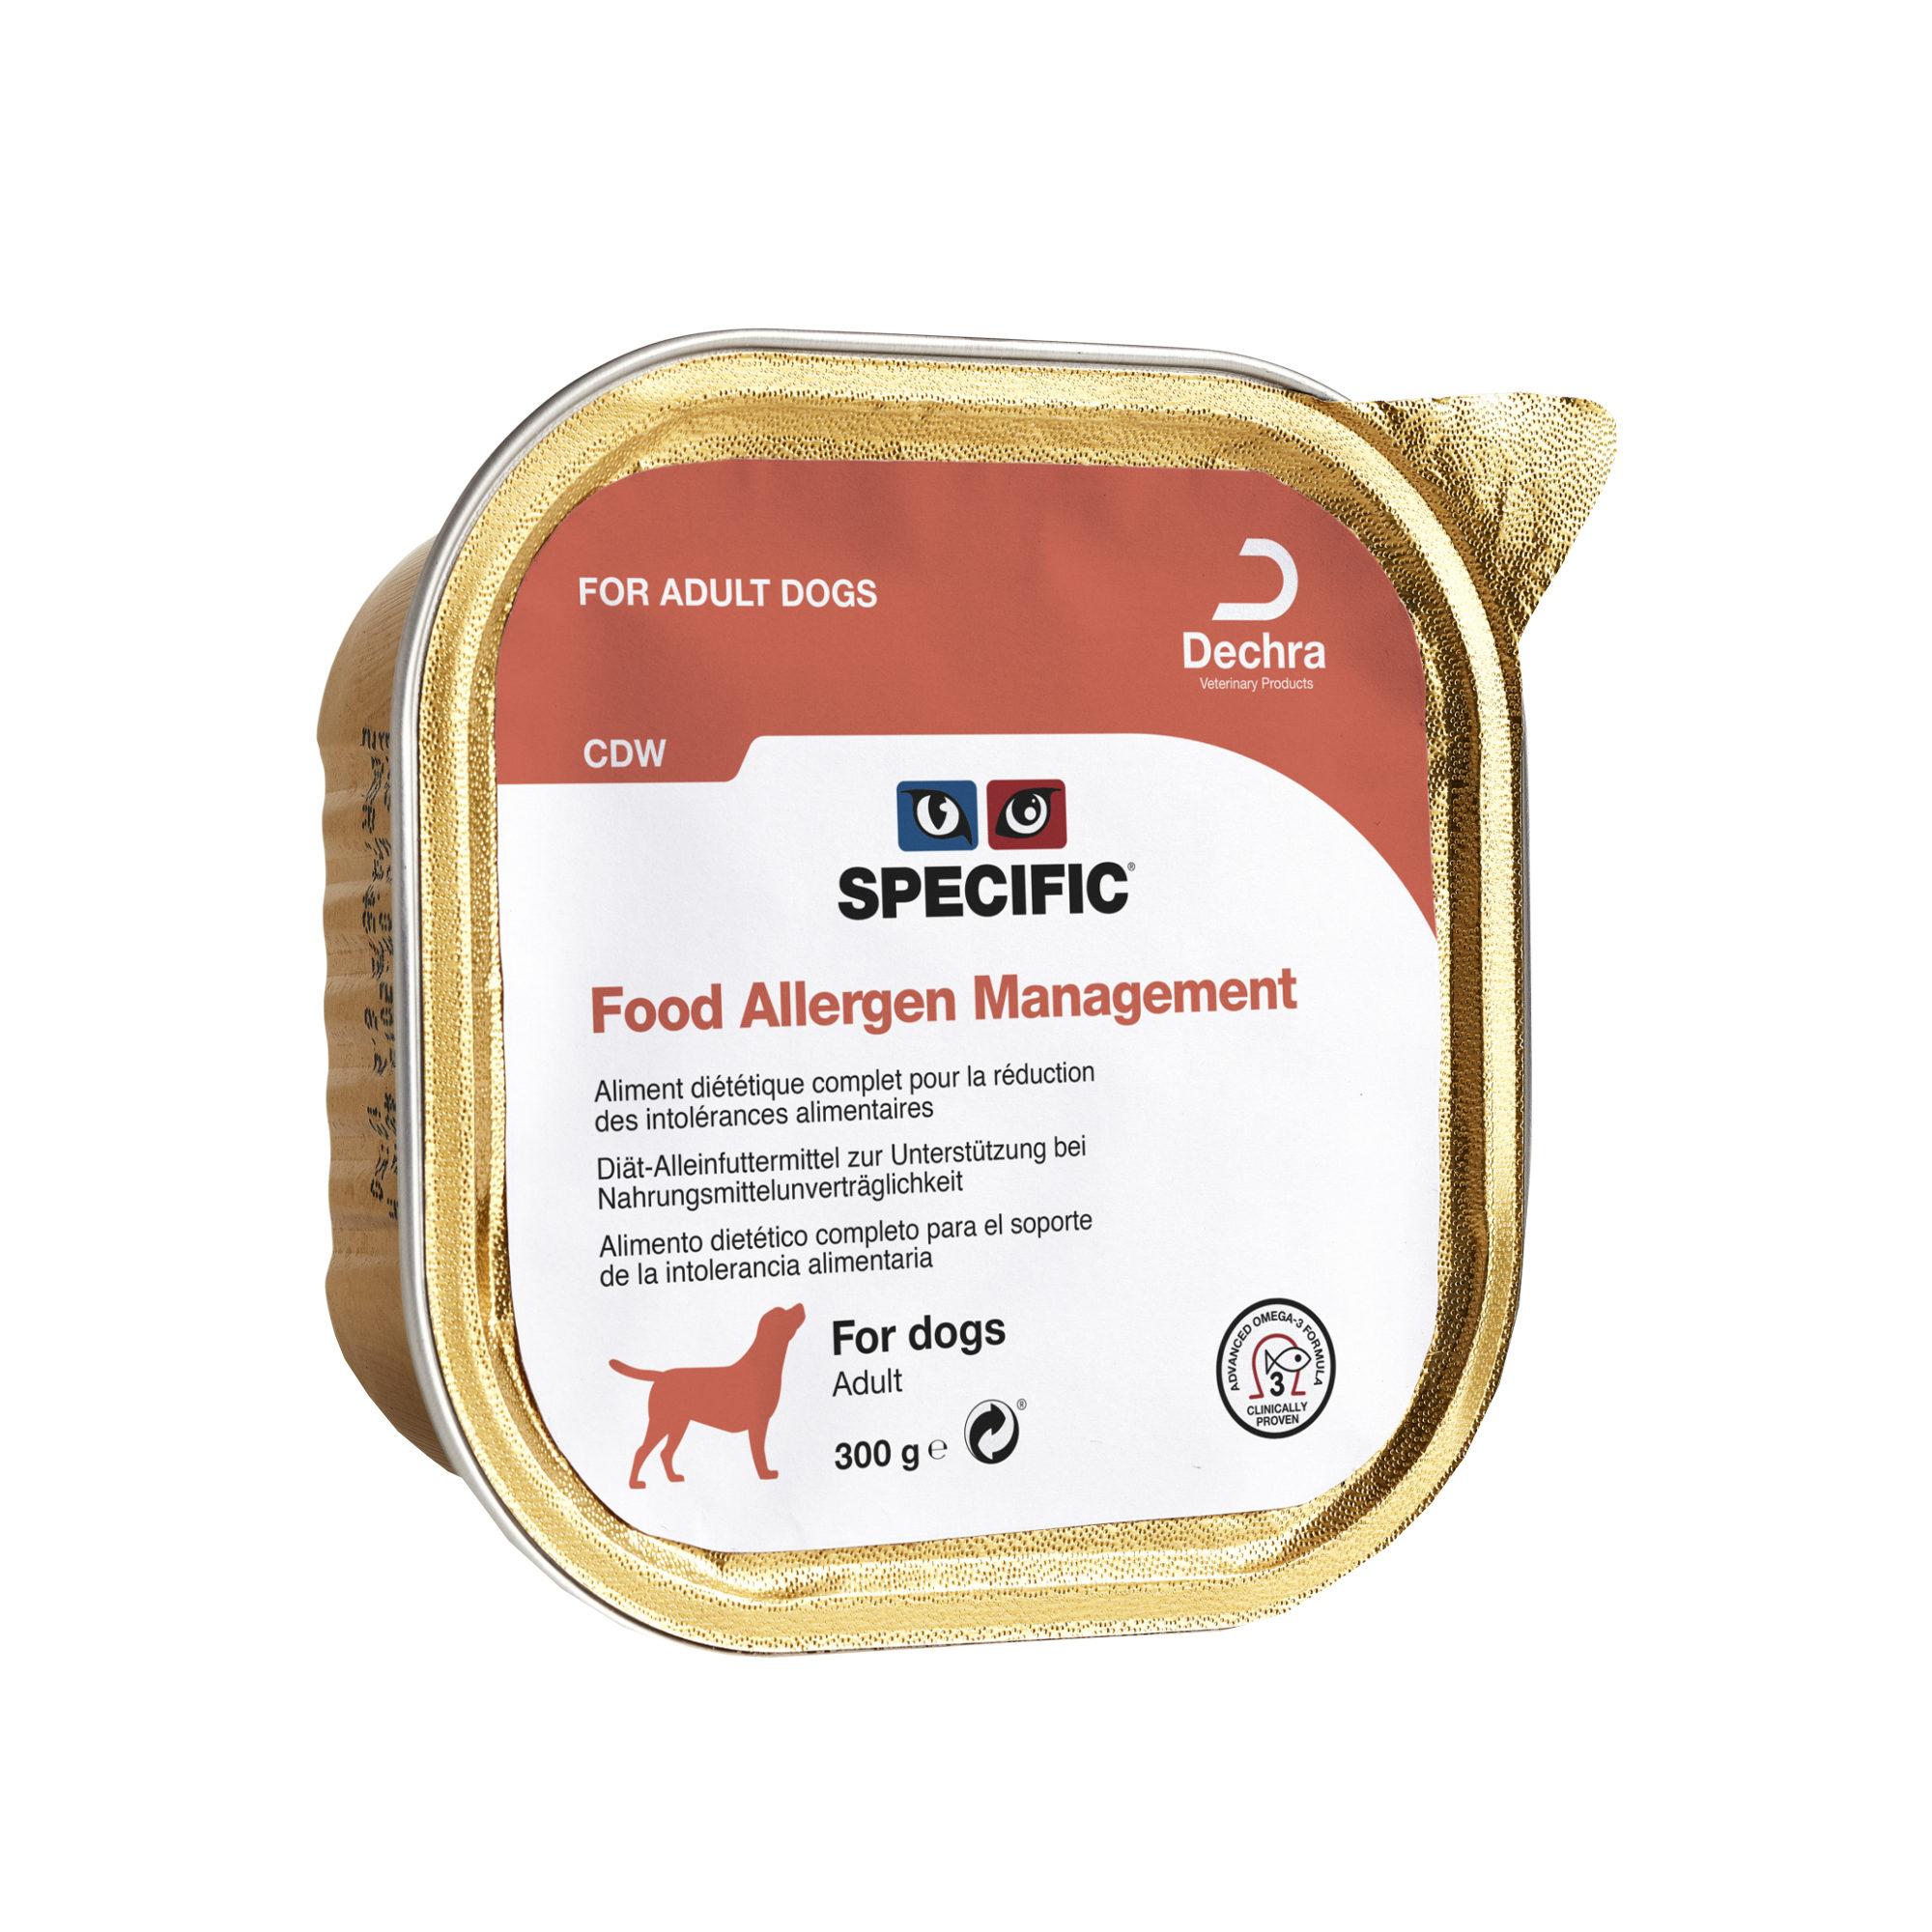 SPECIFIC Food Allergen Management CDW - Barquette